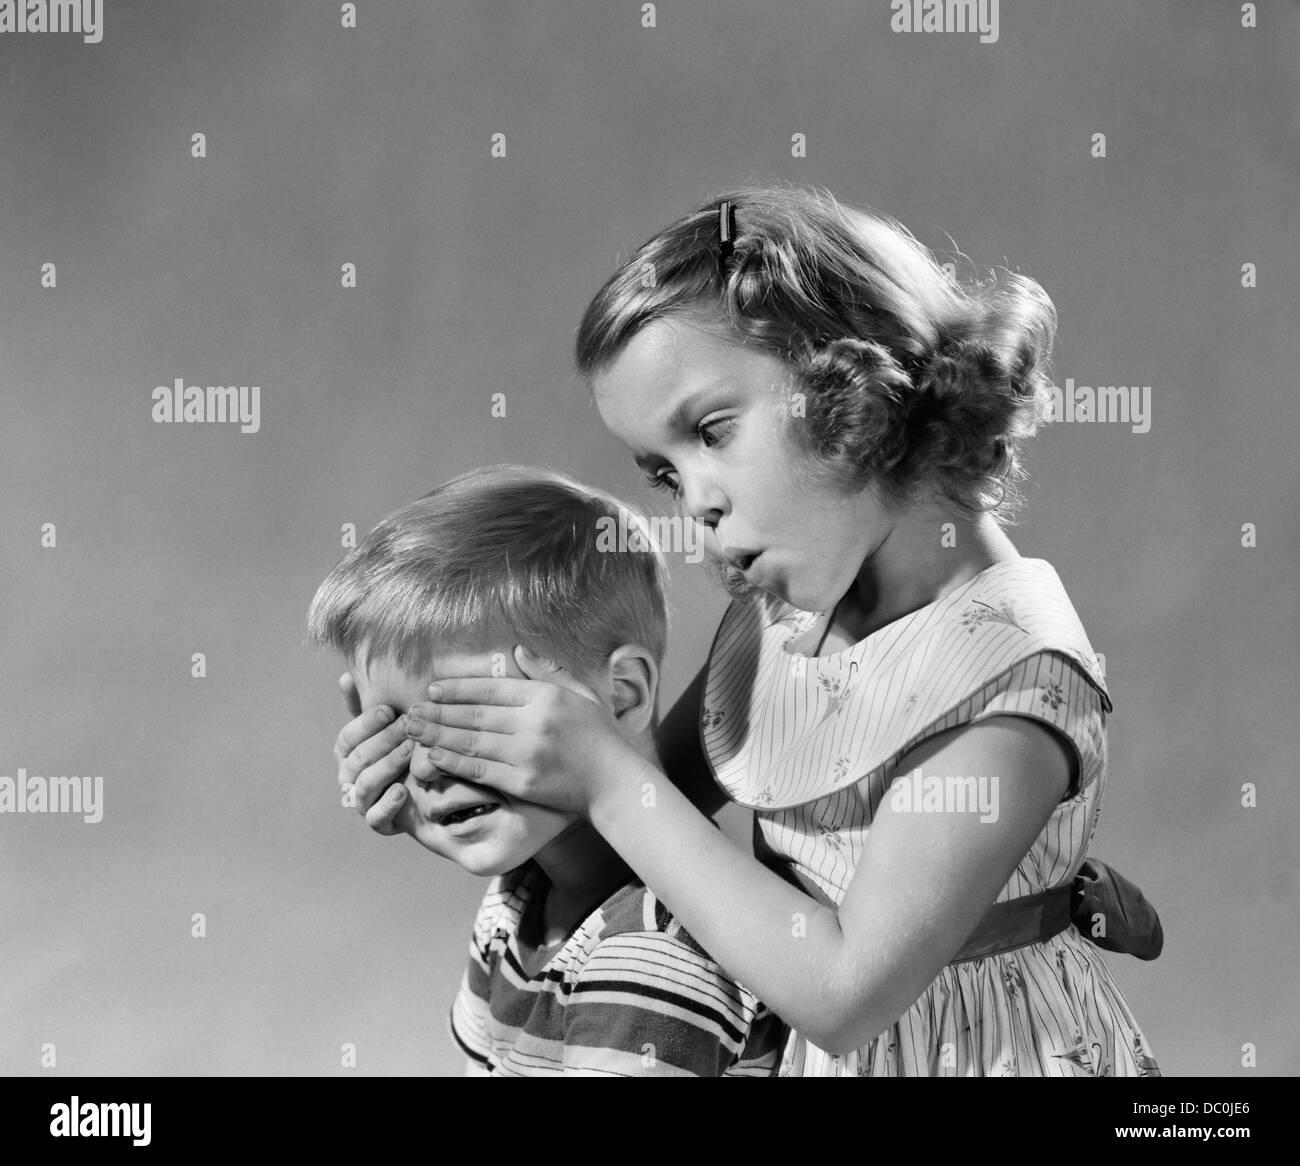 1950 1960 Adivina quién chica tiene sus manos sobre los niños ojos ciegos burlas juego jugando BOY NIÑAS Imagen De Stock